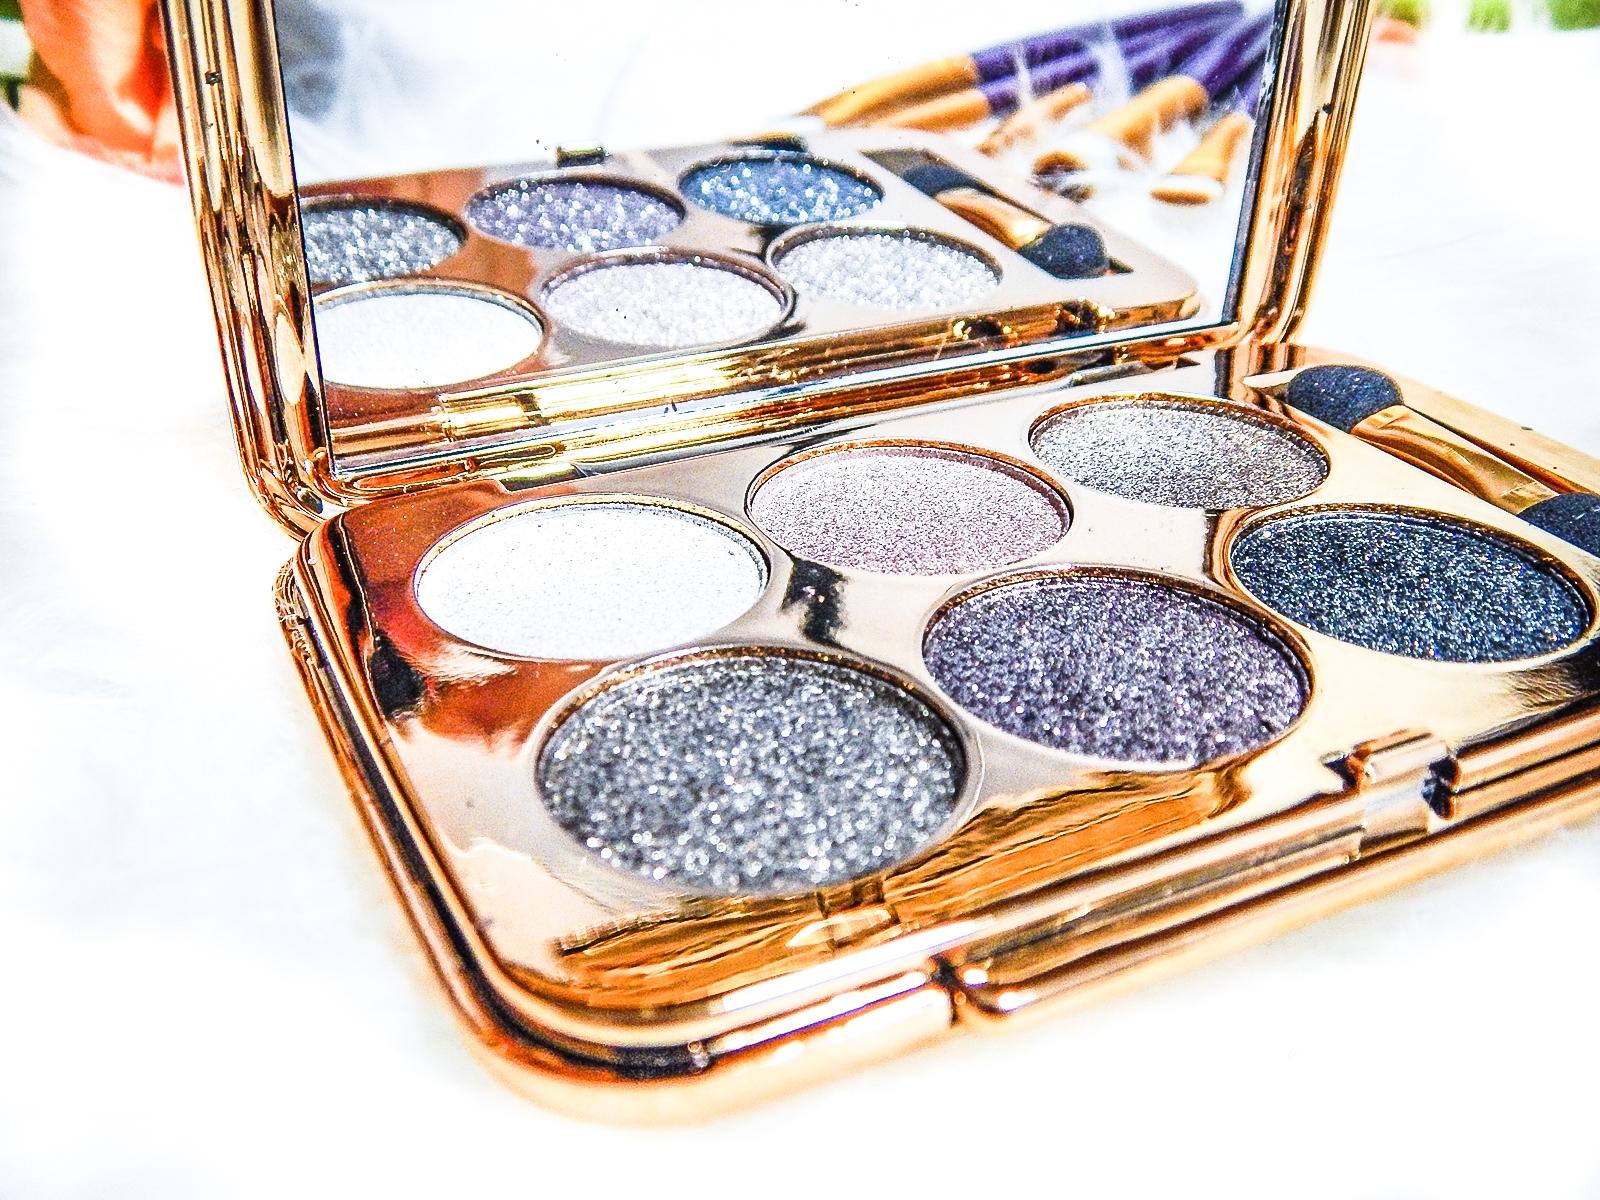 1 nagłówek azjatyckie chińskie kosmetyki recenzja melodylaniella beauty paleta 6 cieni brokatowe cienie do powiek sammydress cienie do powiek ze złotem i brokatem